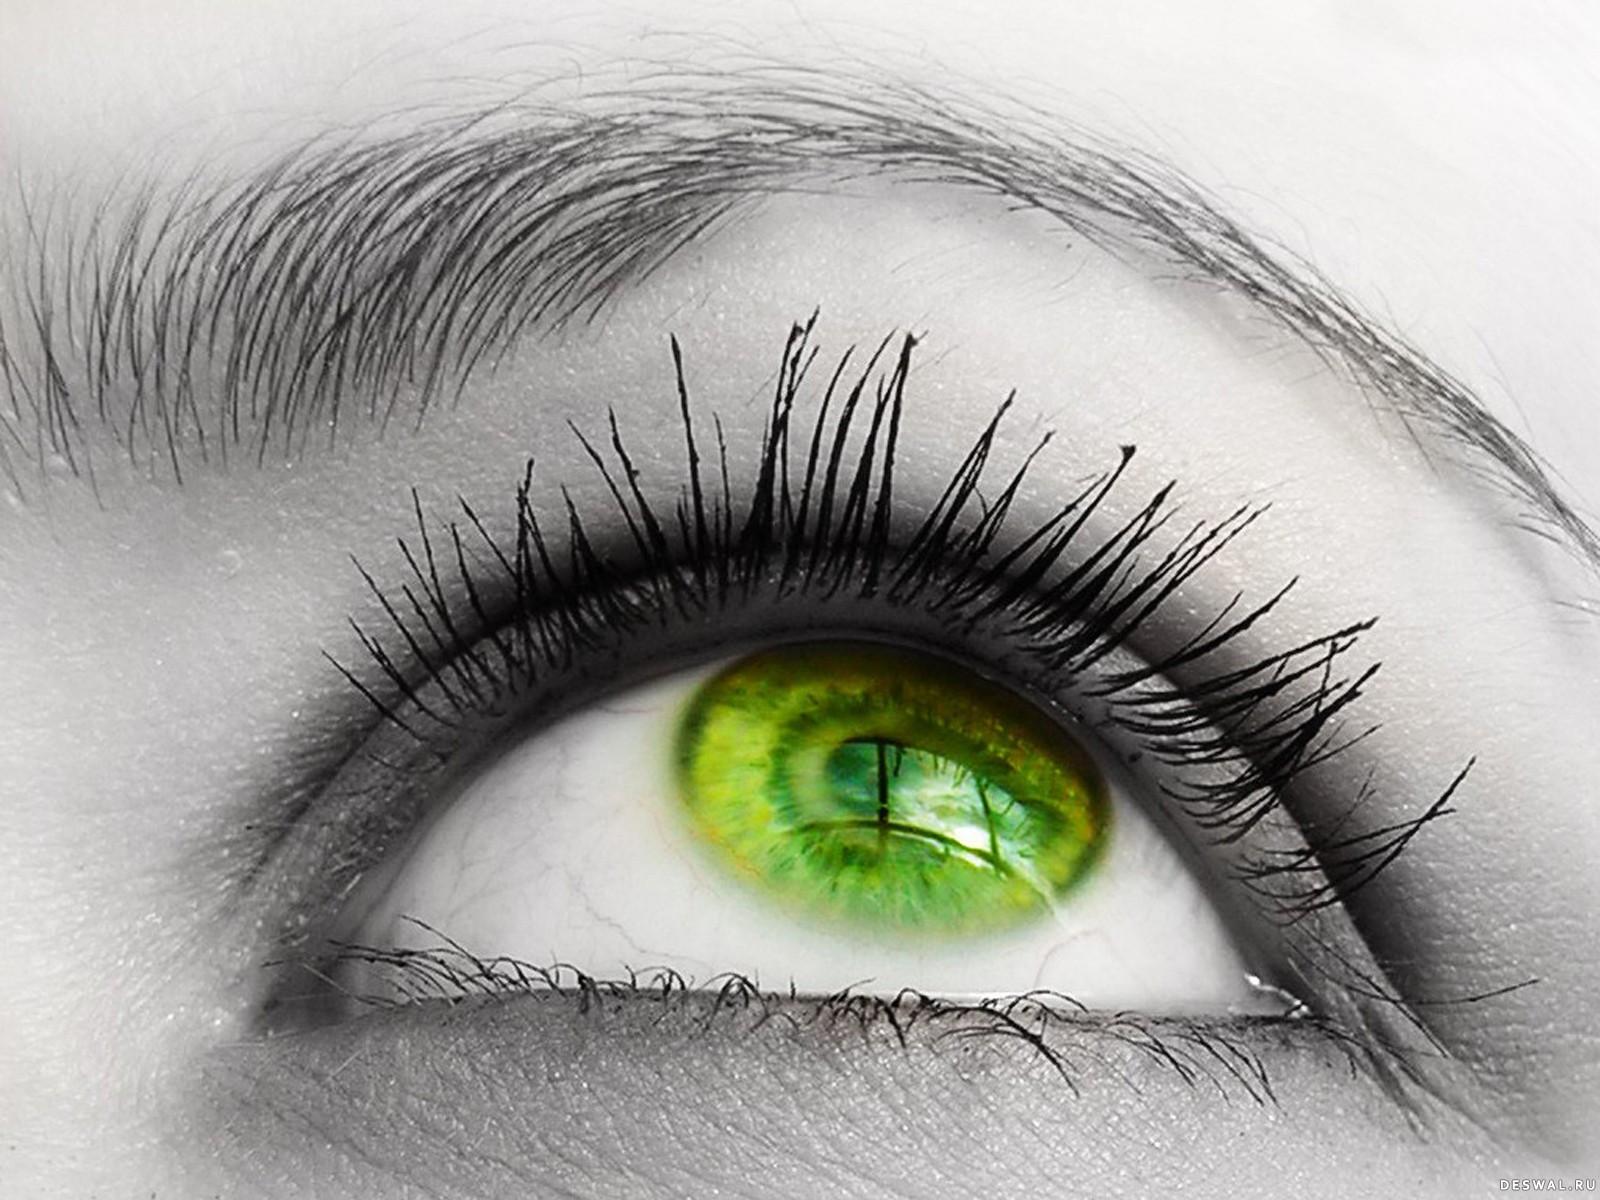 Фото 13.. Нажмите на картинку с обоями глаз, чтобы просмотреть ее в реальном размере